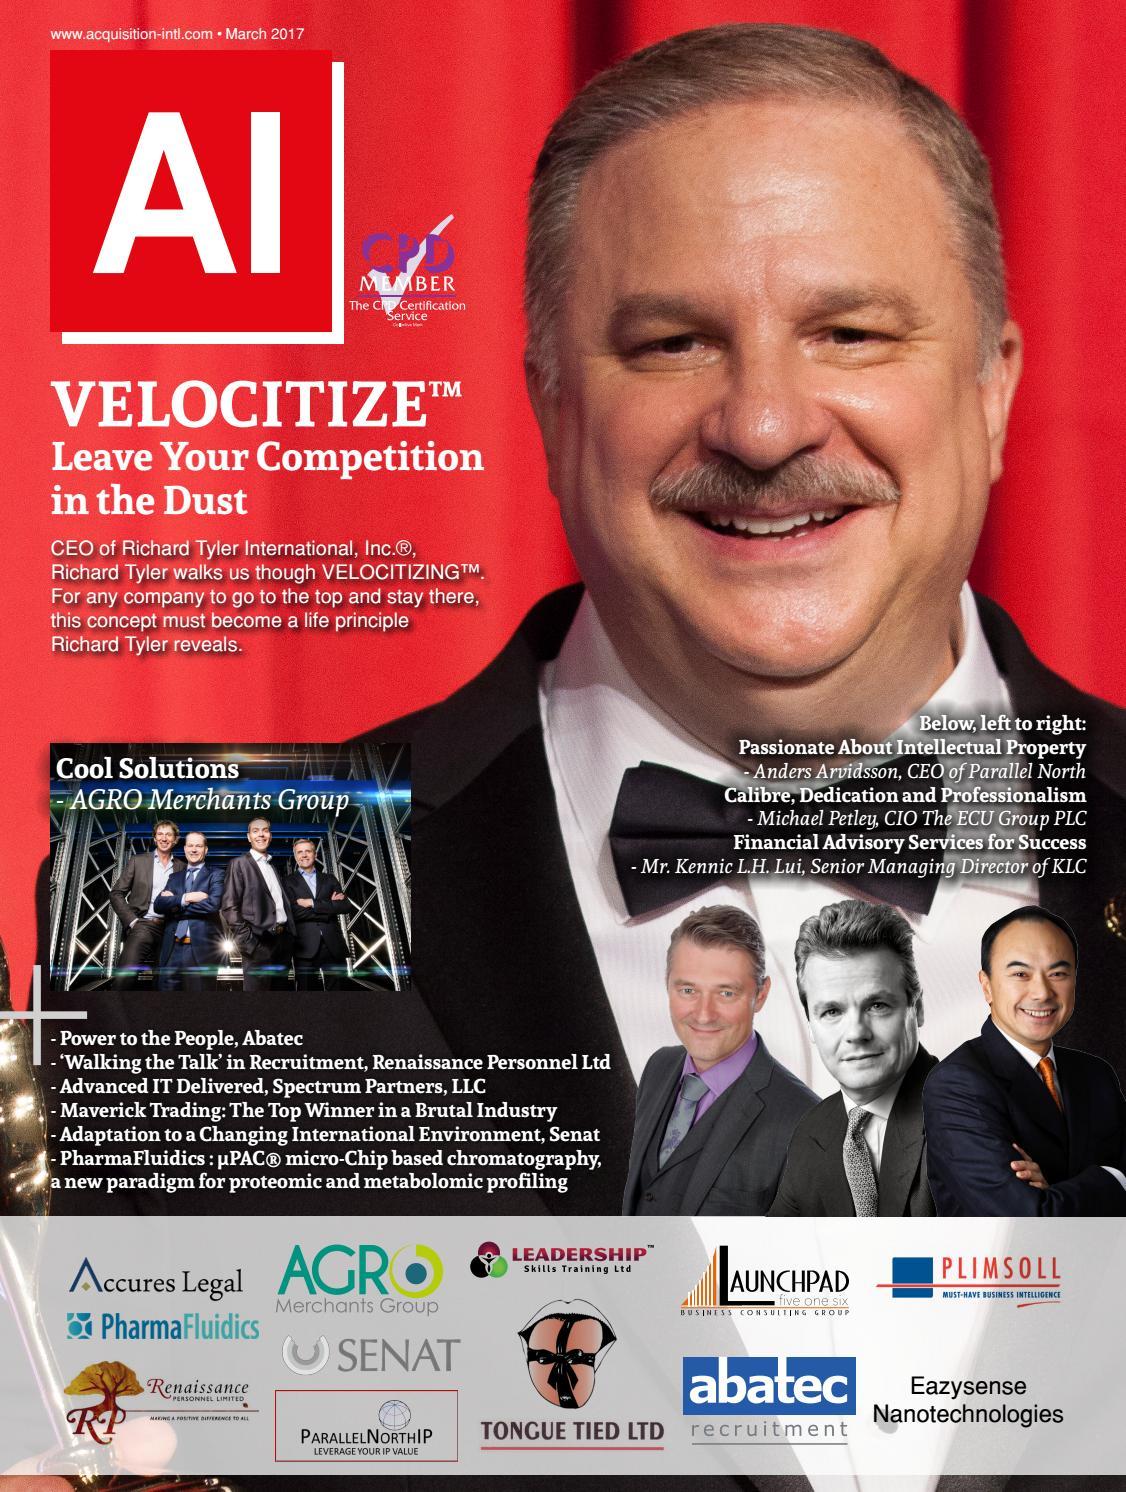 AI Magazine March 2017